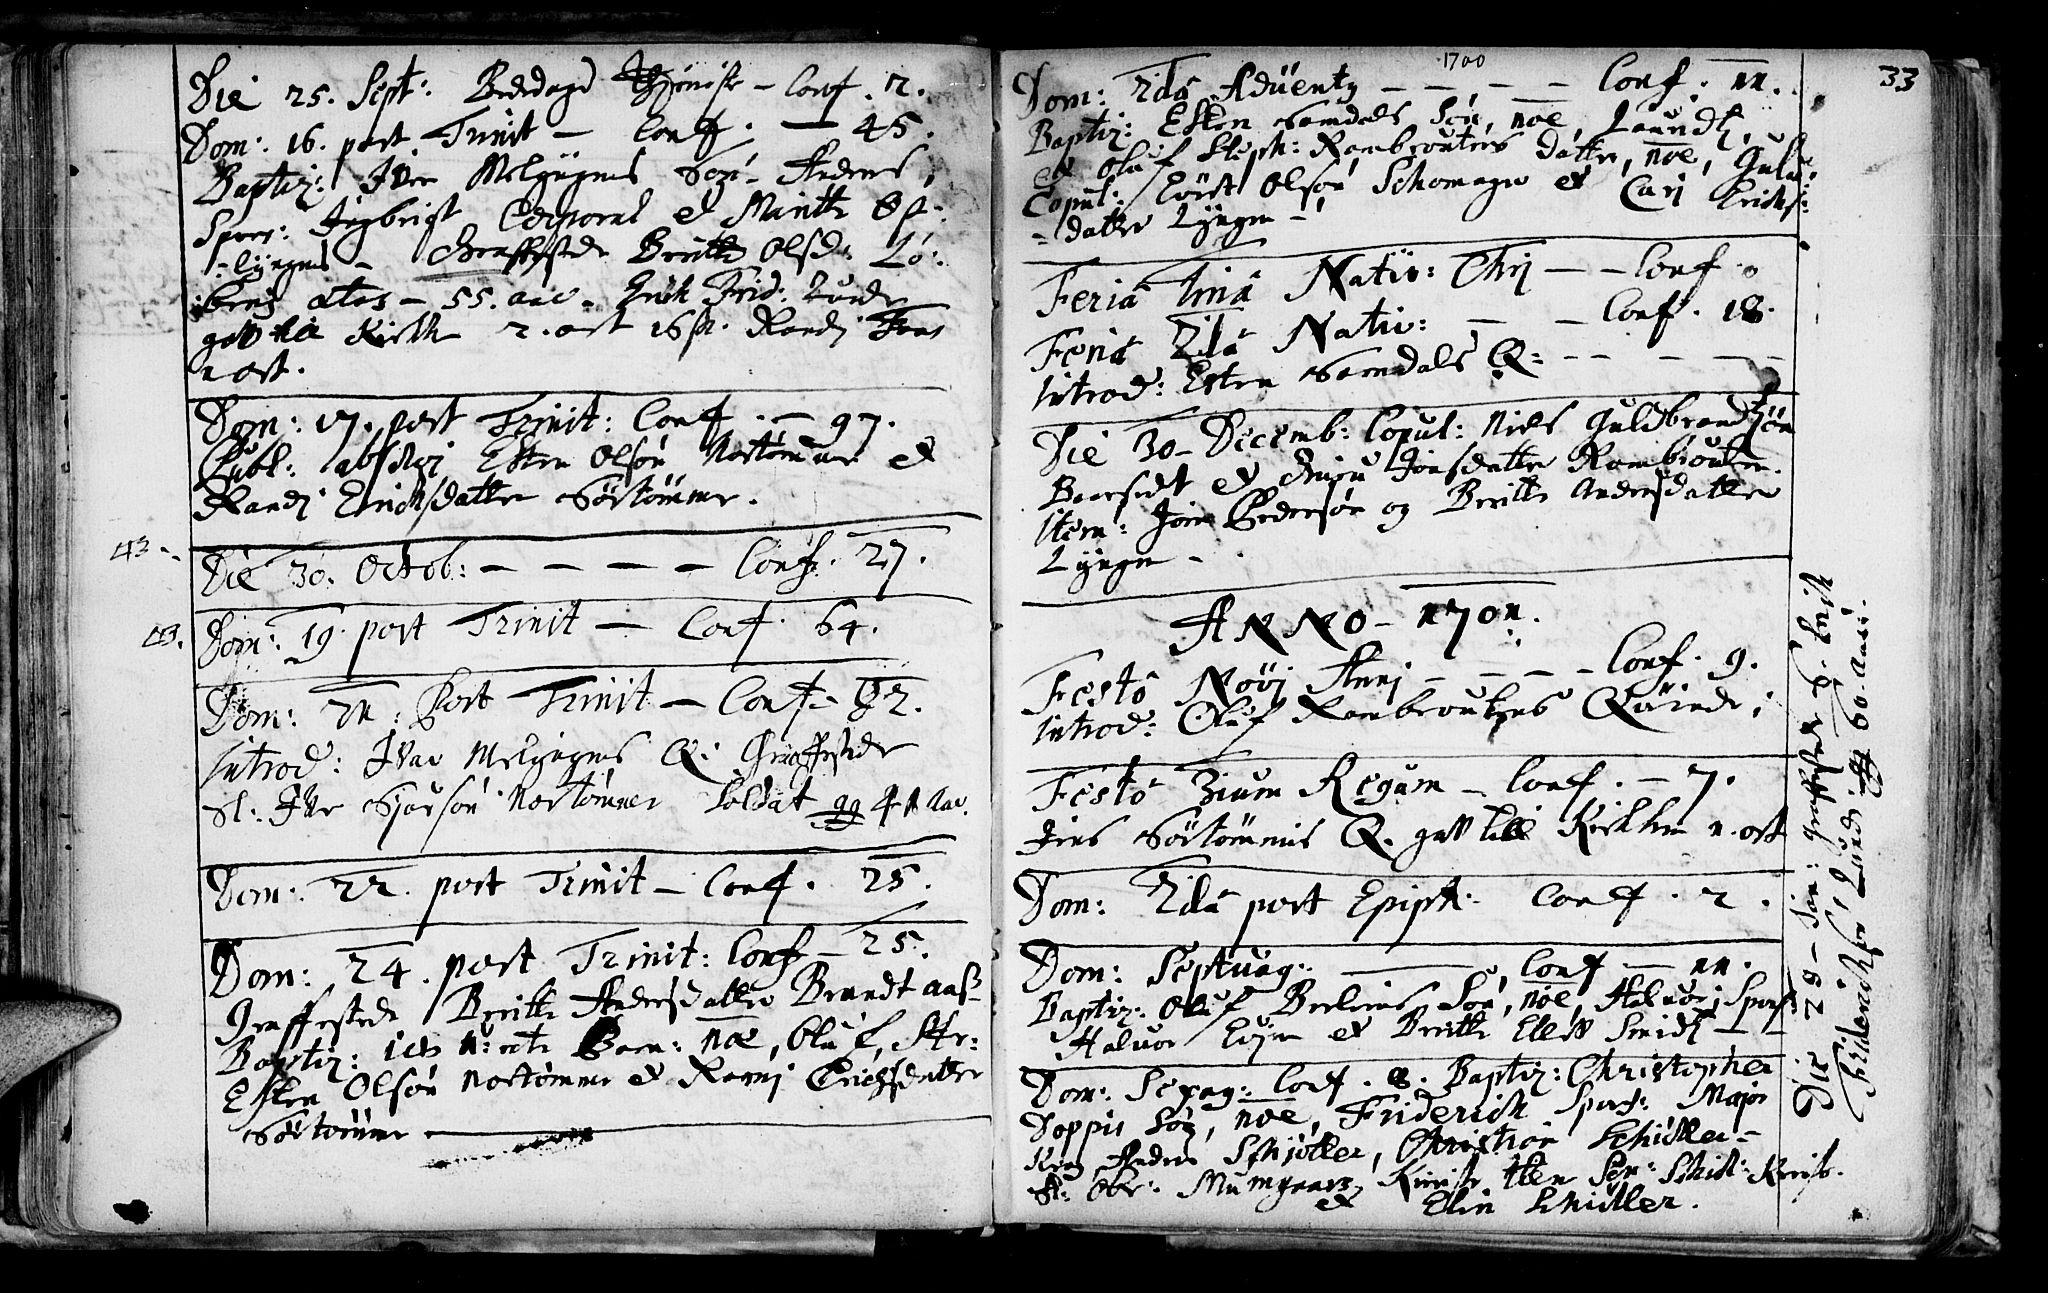 SAT, Ministerialprotokoller, klokkerbøker og fødselsregistre - Sør-Trøndelag, 692/L1101: Ministerialbok nr. 692A01, 1690-1746, s. 33